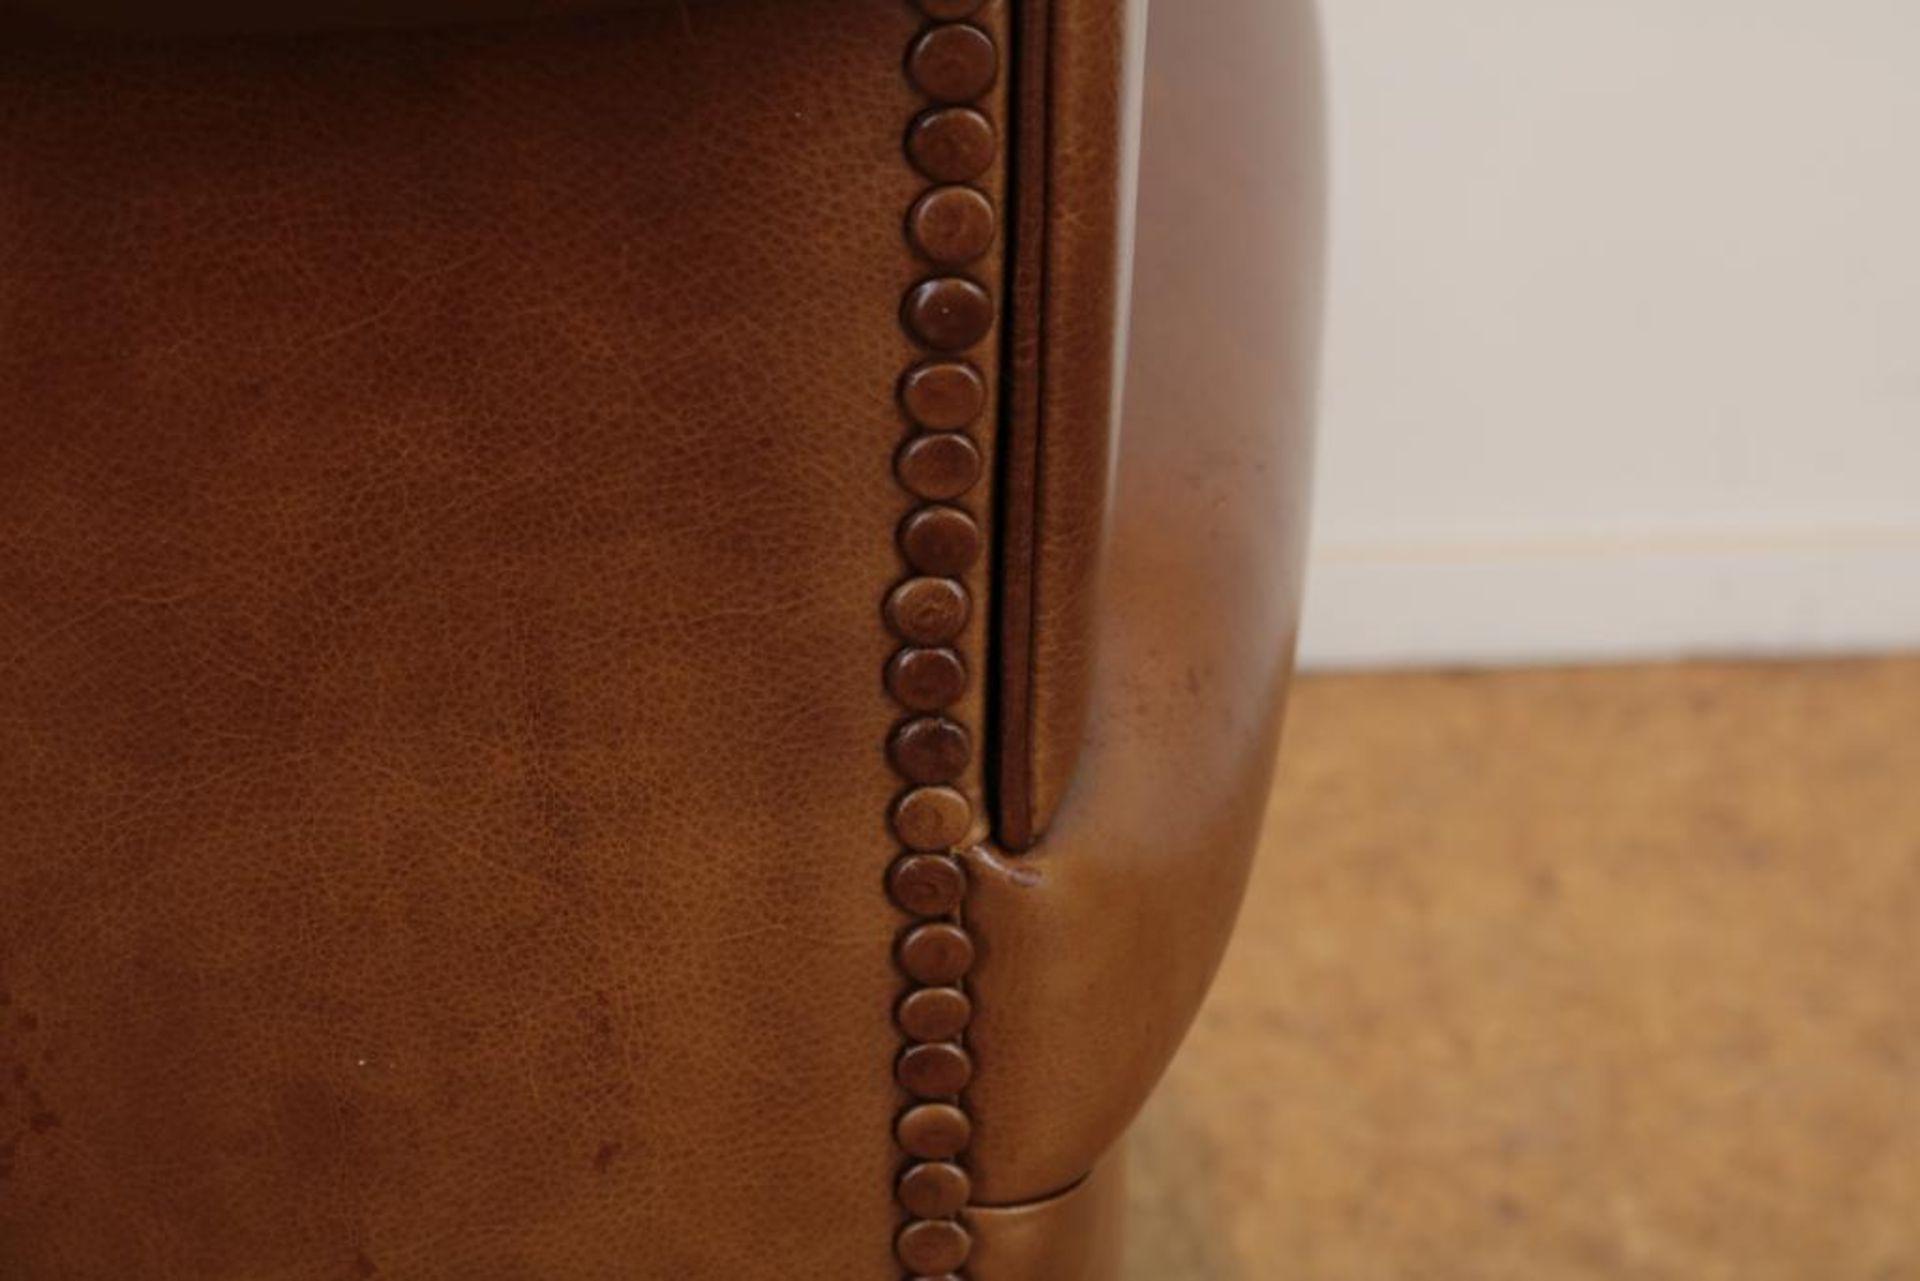 Bruinlederen Baxter fauteuil - Image 3 of 5